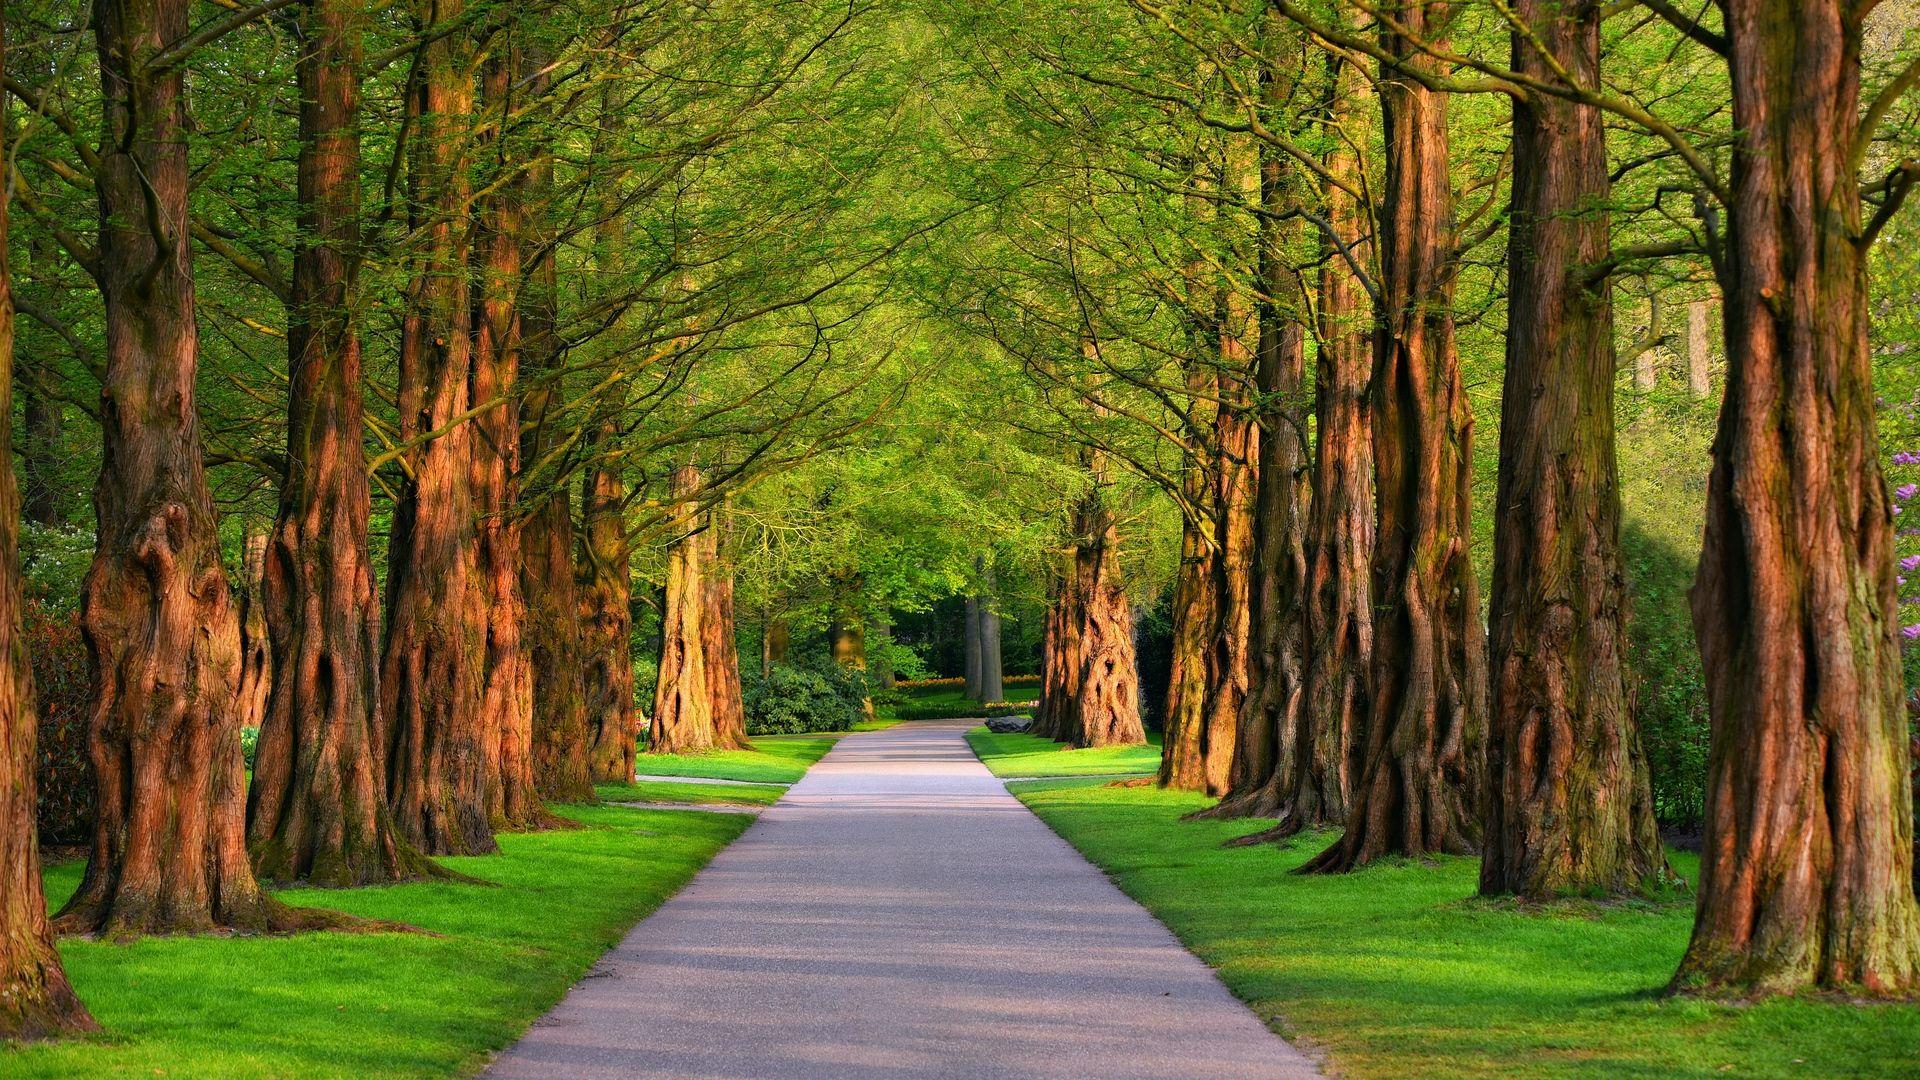 A Row Of Trees Photos 1